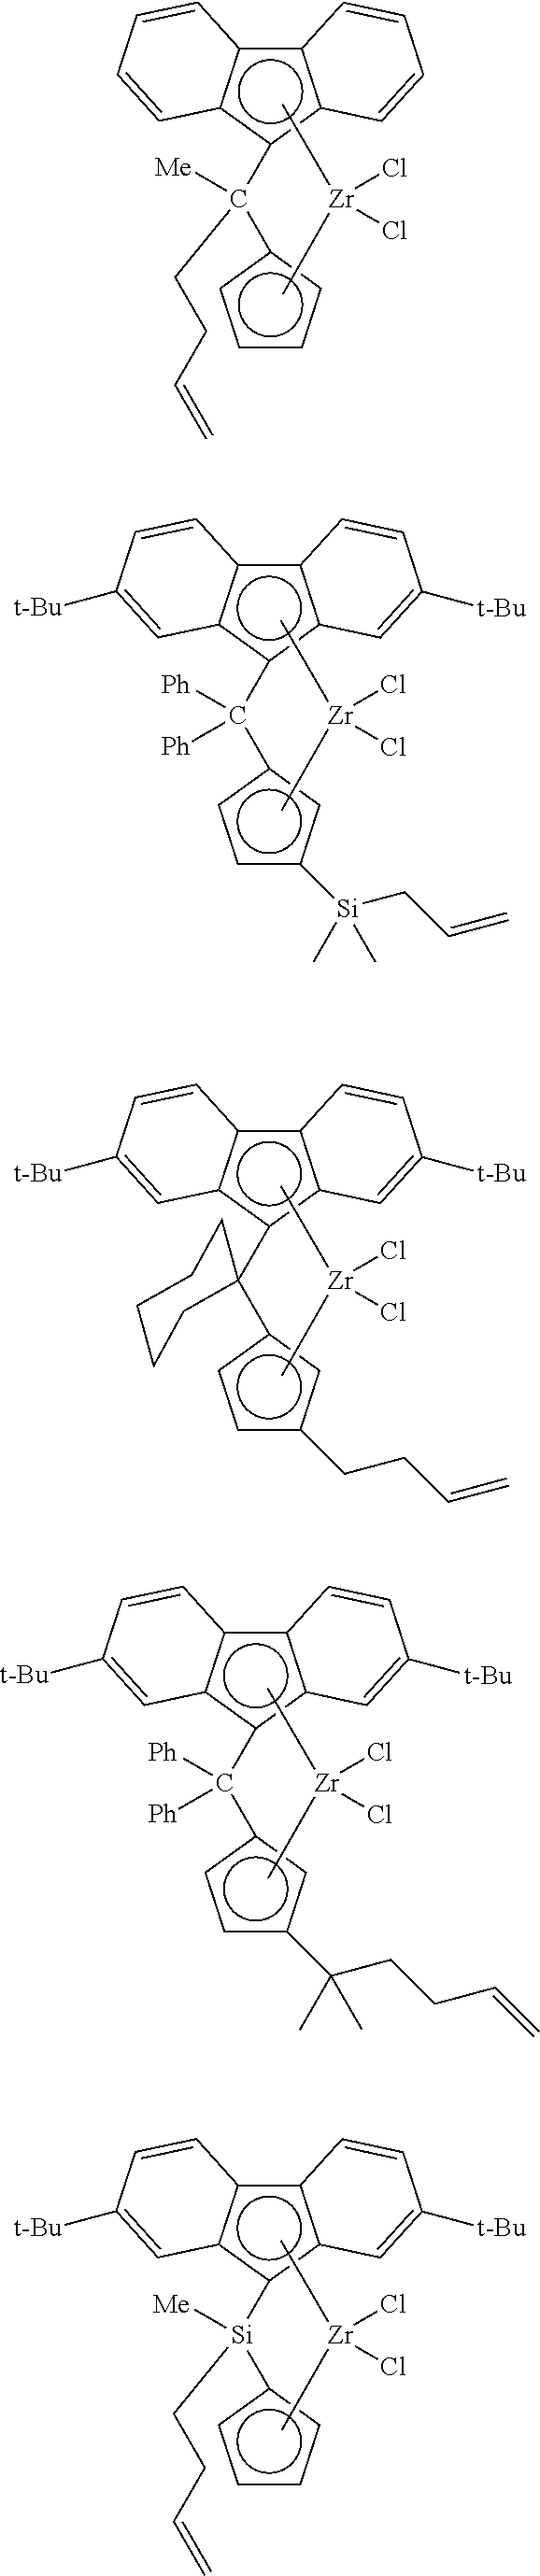 Figure US10017592-20180710-C00009